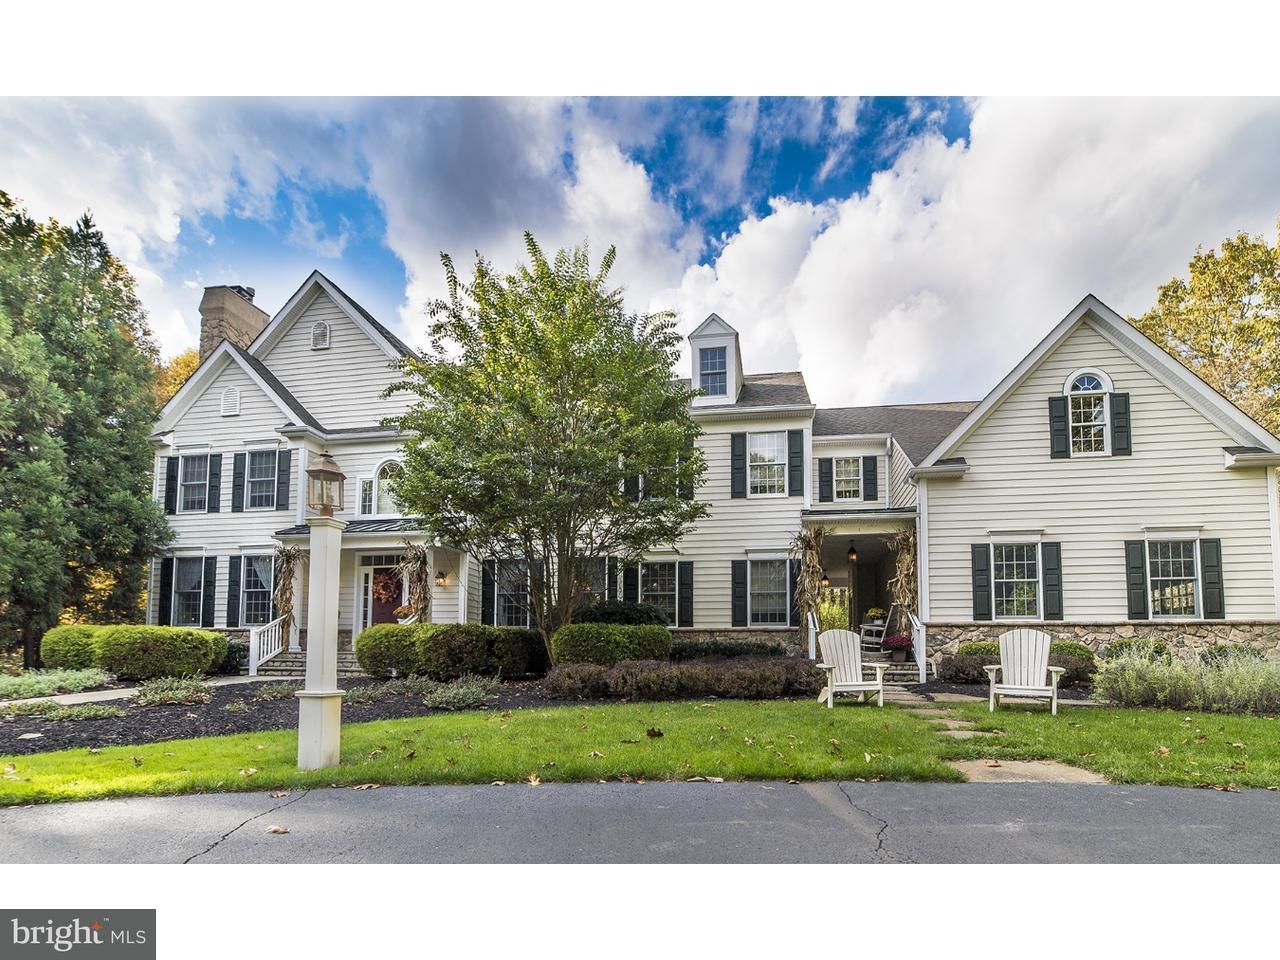 Einfamilienhaus für Verkauf beim 1 BLUFF VW Medford, New Jersey 08055 Vereinigte Staaten